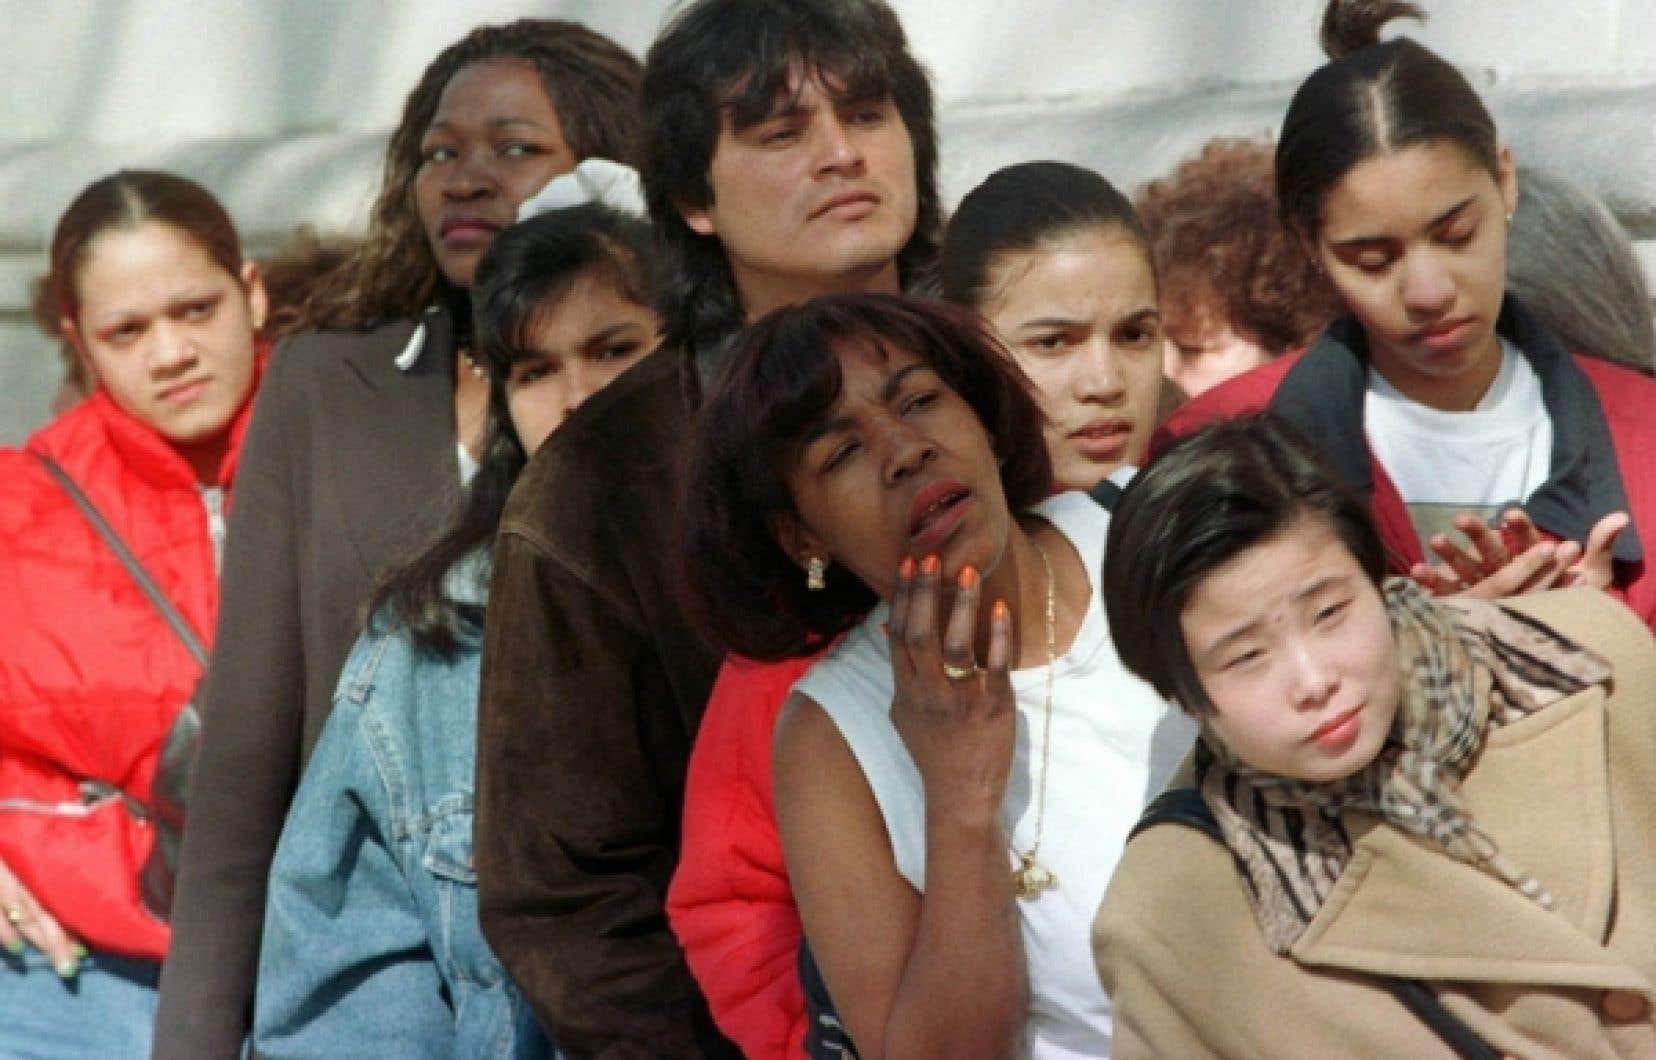 Selon le ministre canadien de l'Immigration, Jason Kenney, il suffit d'améliorer les perspectives économiques des immigrants pour augmenter leur acceptation sociale.<br />